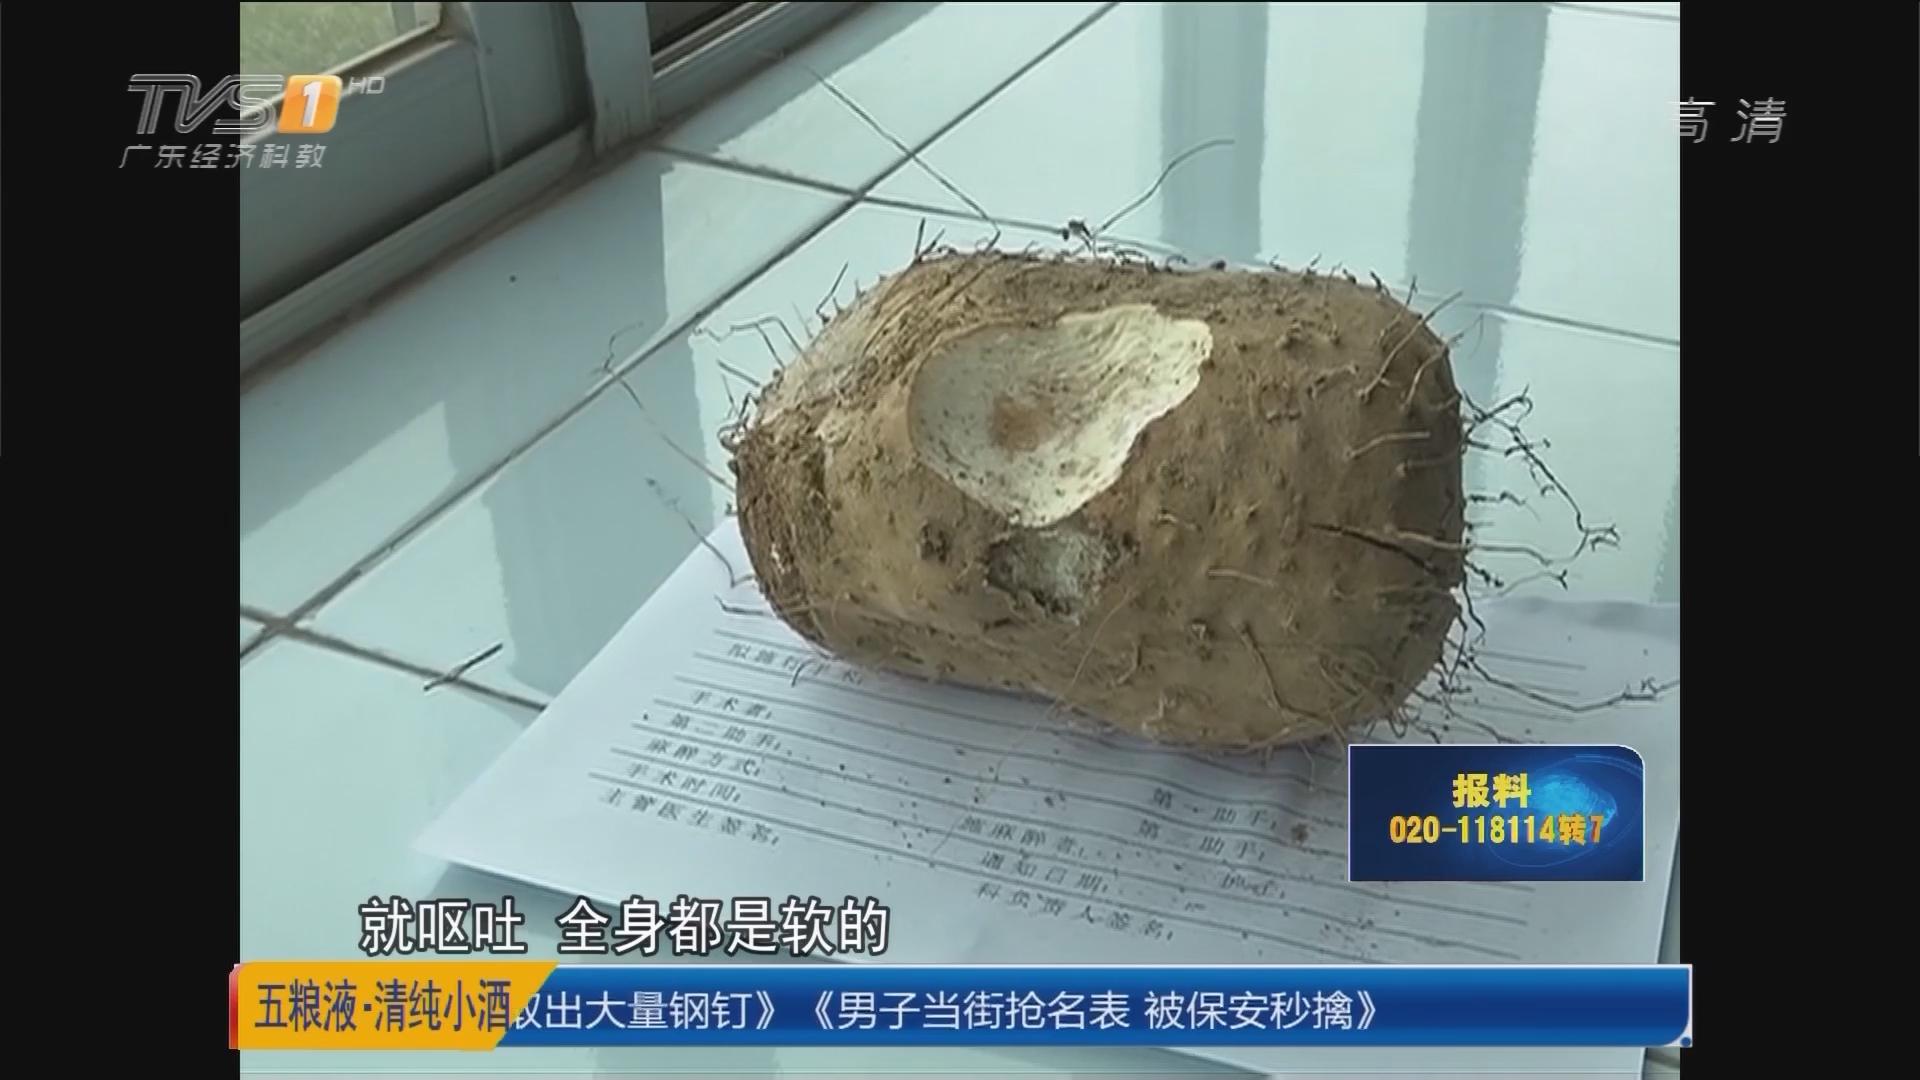 关注食品安全:惠州 勿食不明食物 一家人中毒幸无恙